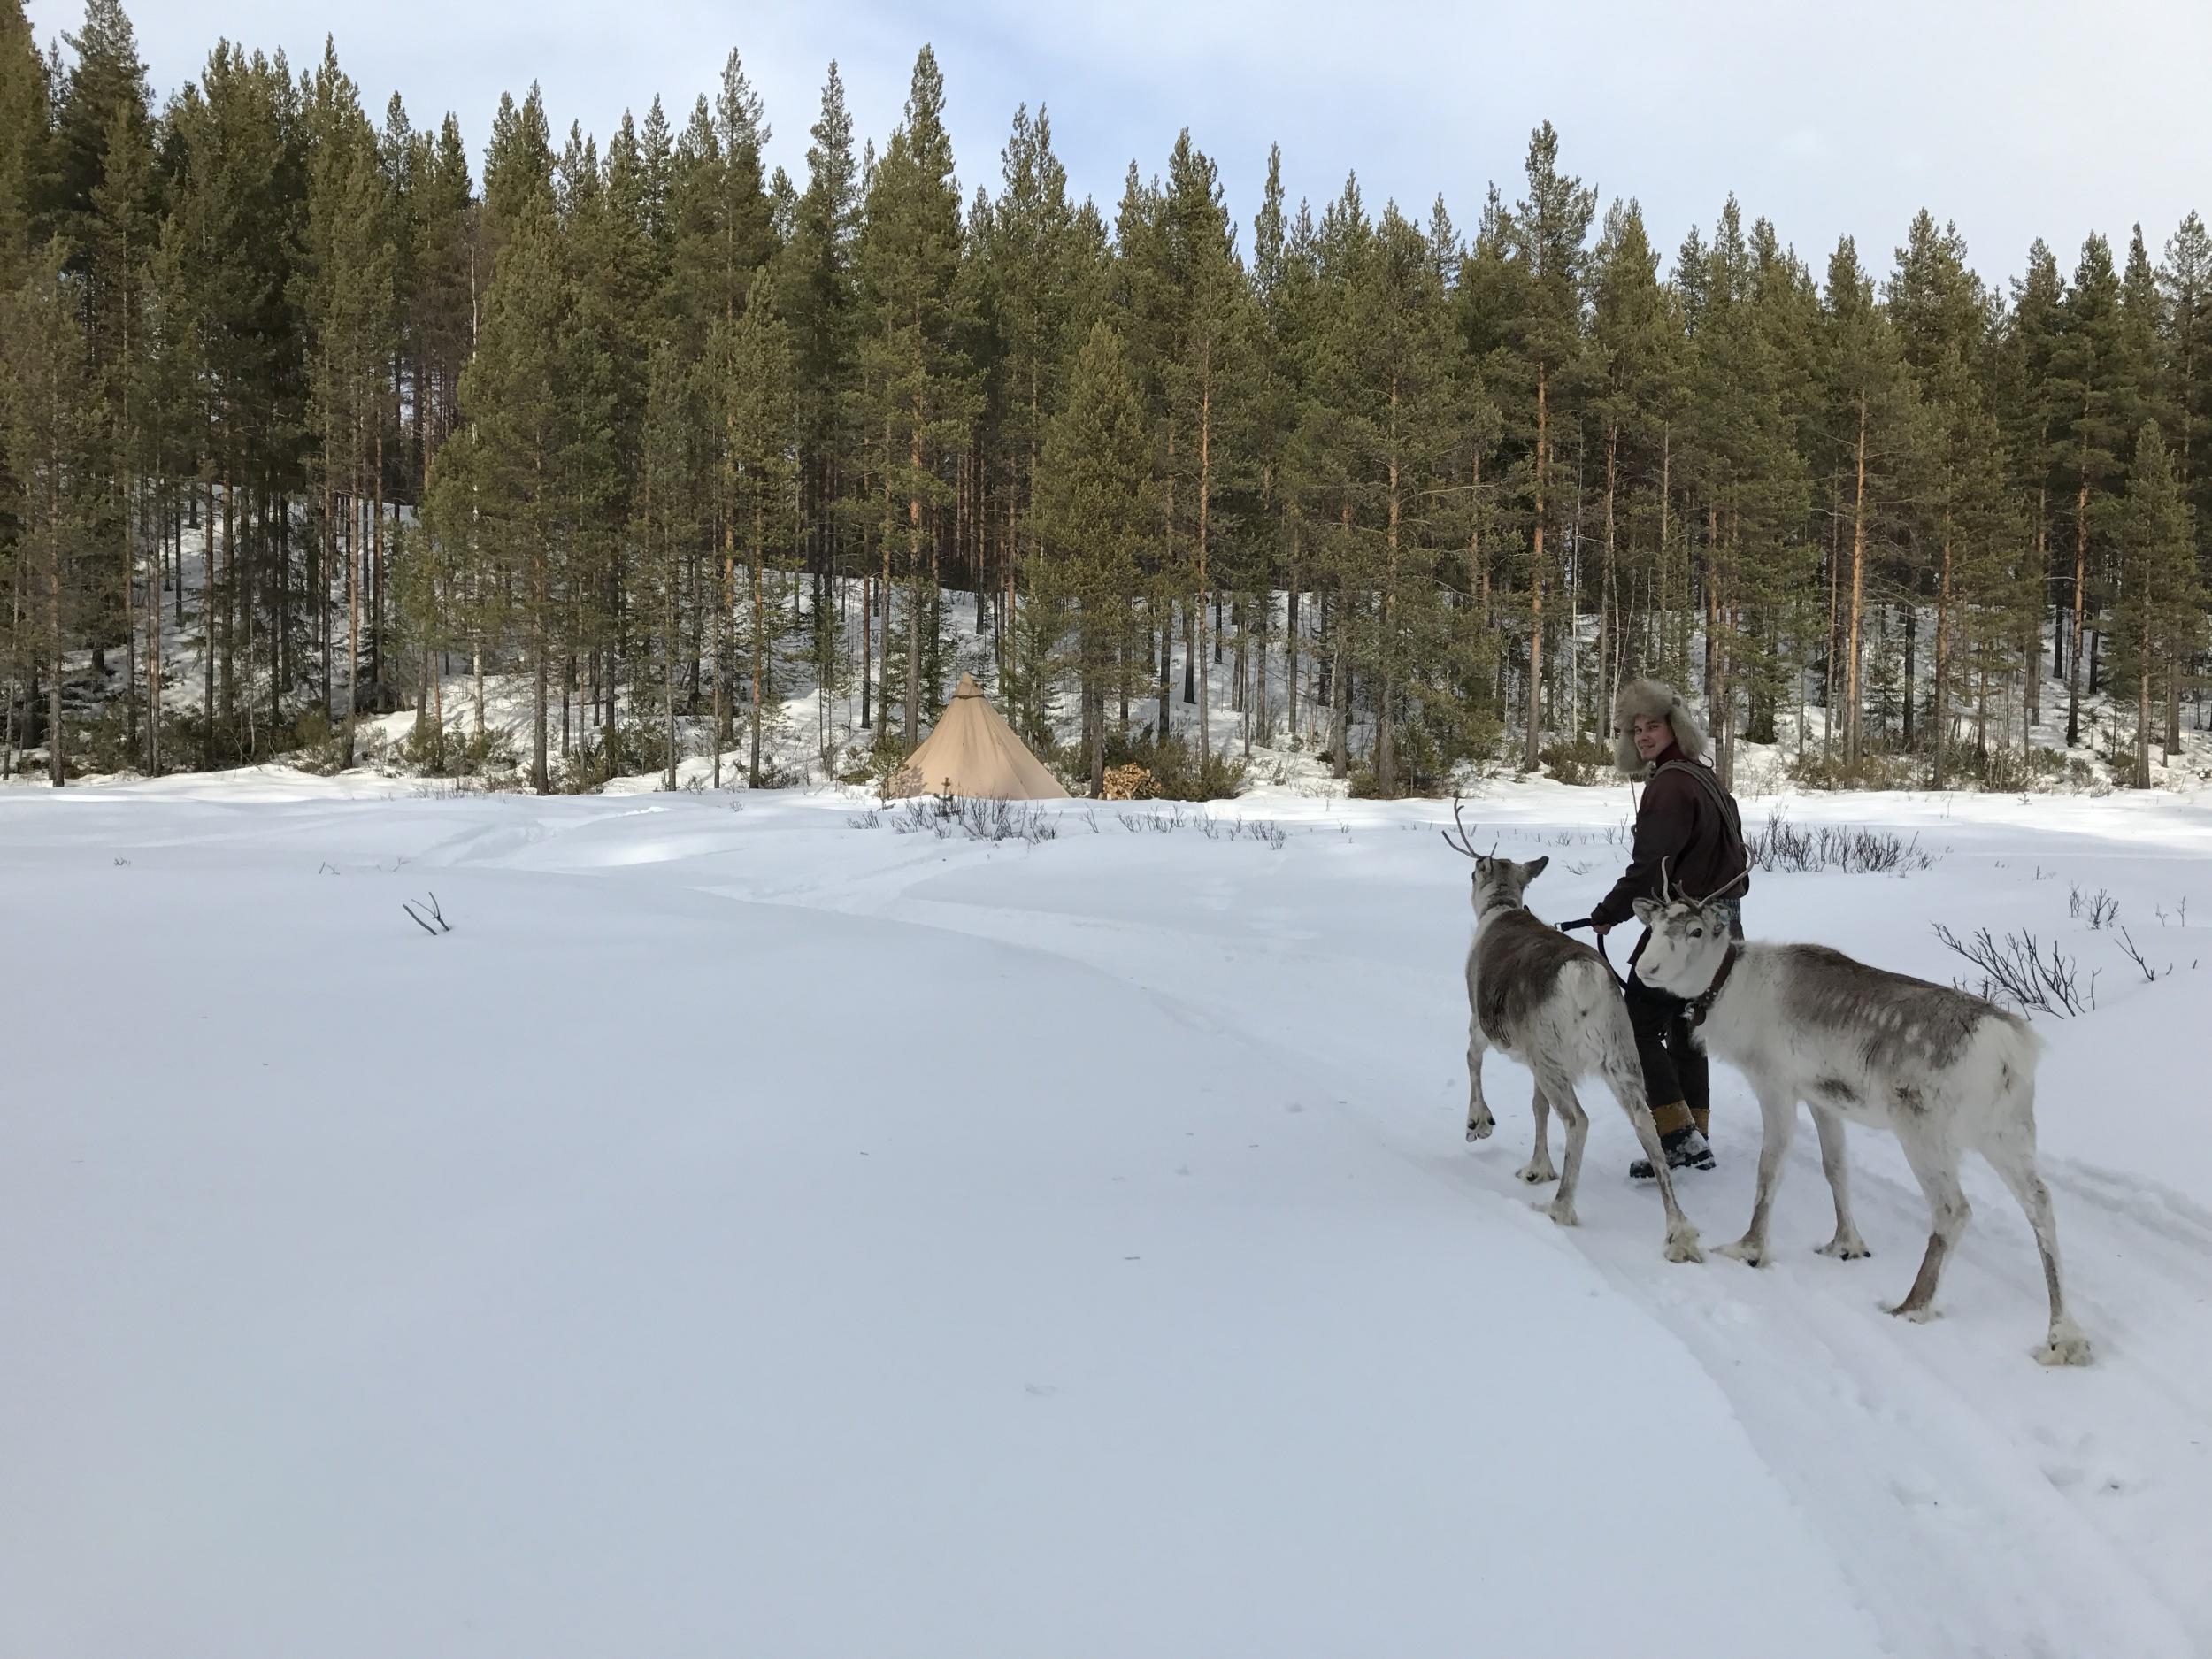 Viele Sámi leben von der Rentierzucht – wie Jon-Krista Jonsson und seine Familie. Das halbe Jahr über ziehen sie mit ihrem Zelt der Herde hinterher.